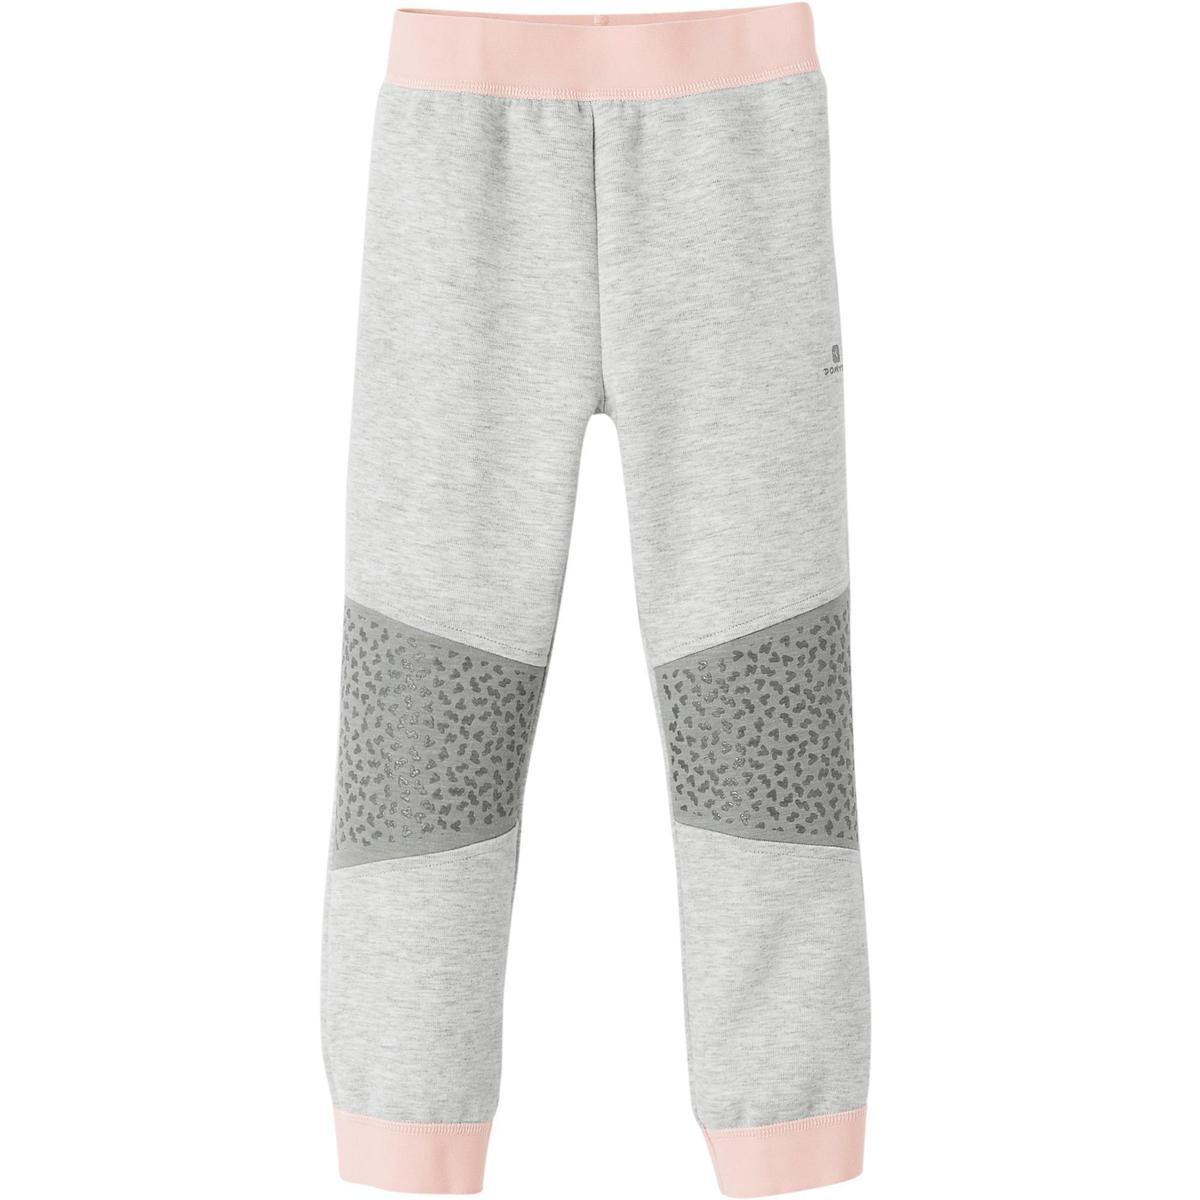 Bild 2 von Jogginghose 500 Babyturnen grau/rosa